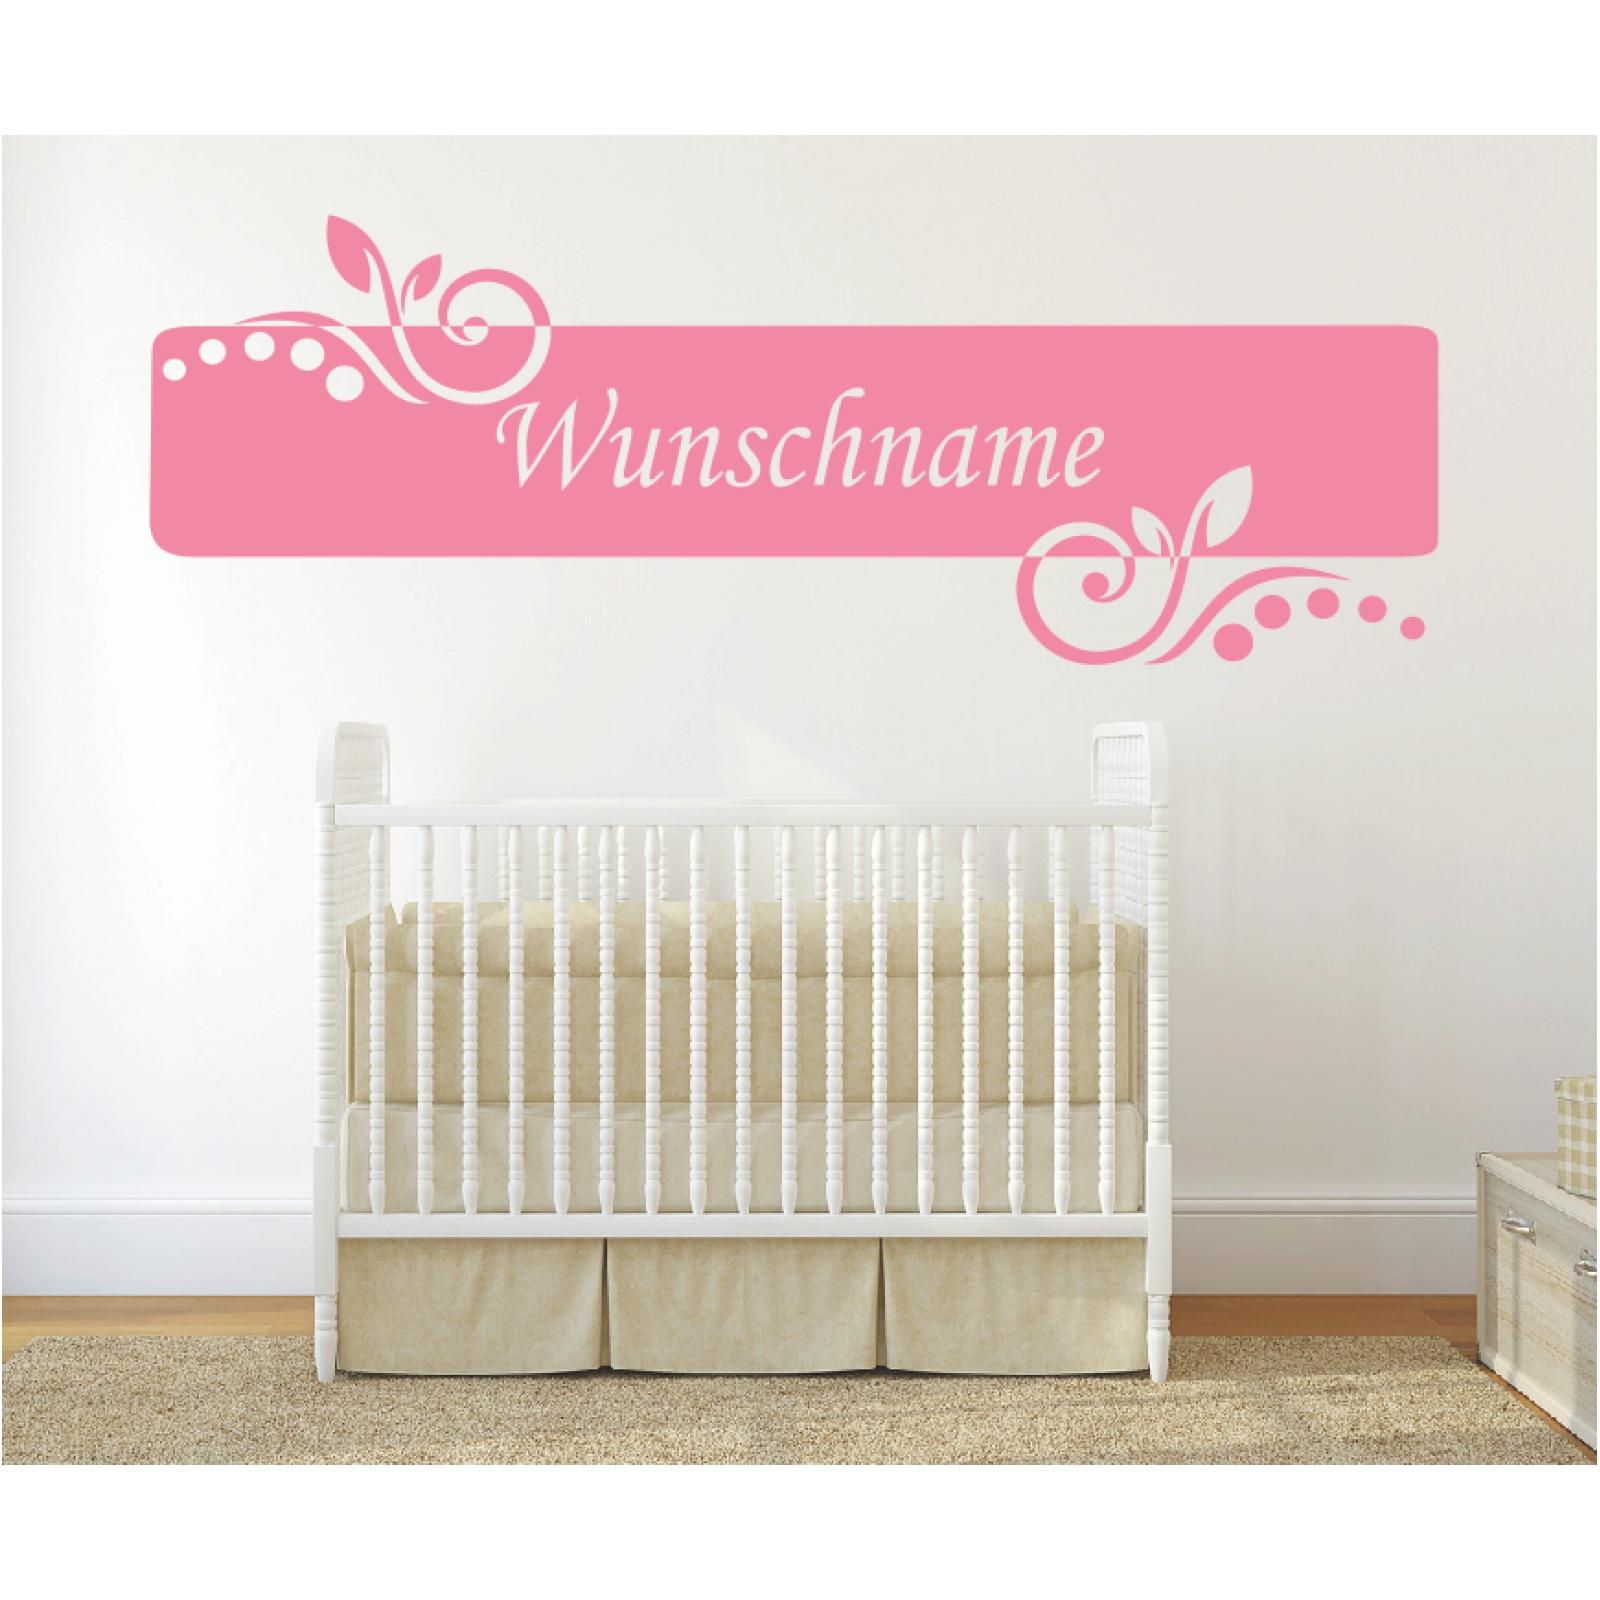 Wandtattoo-Banner-Name-Blume-Kinder-Wunschname-Wunschtext-Sticker-Wandaufkleber